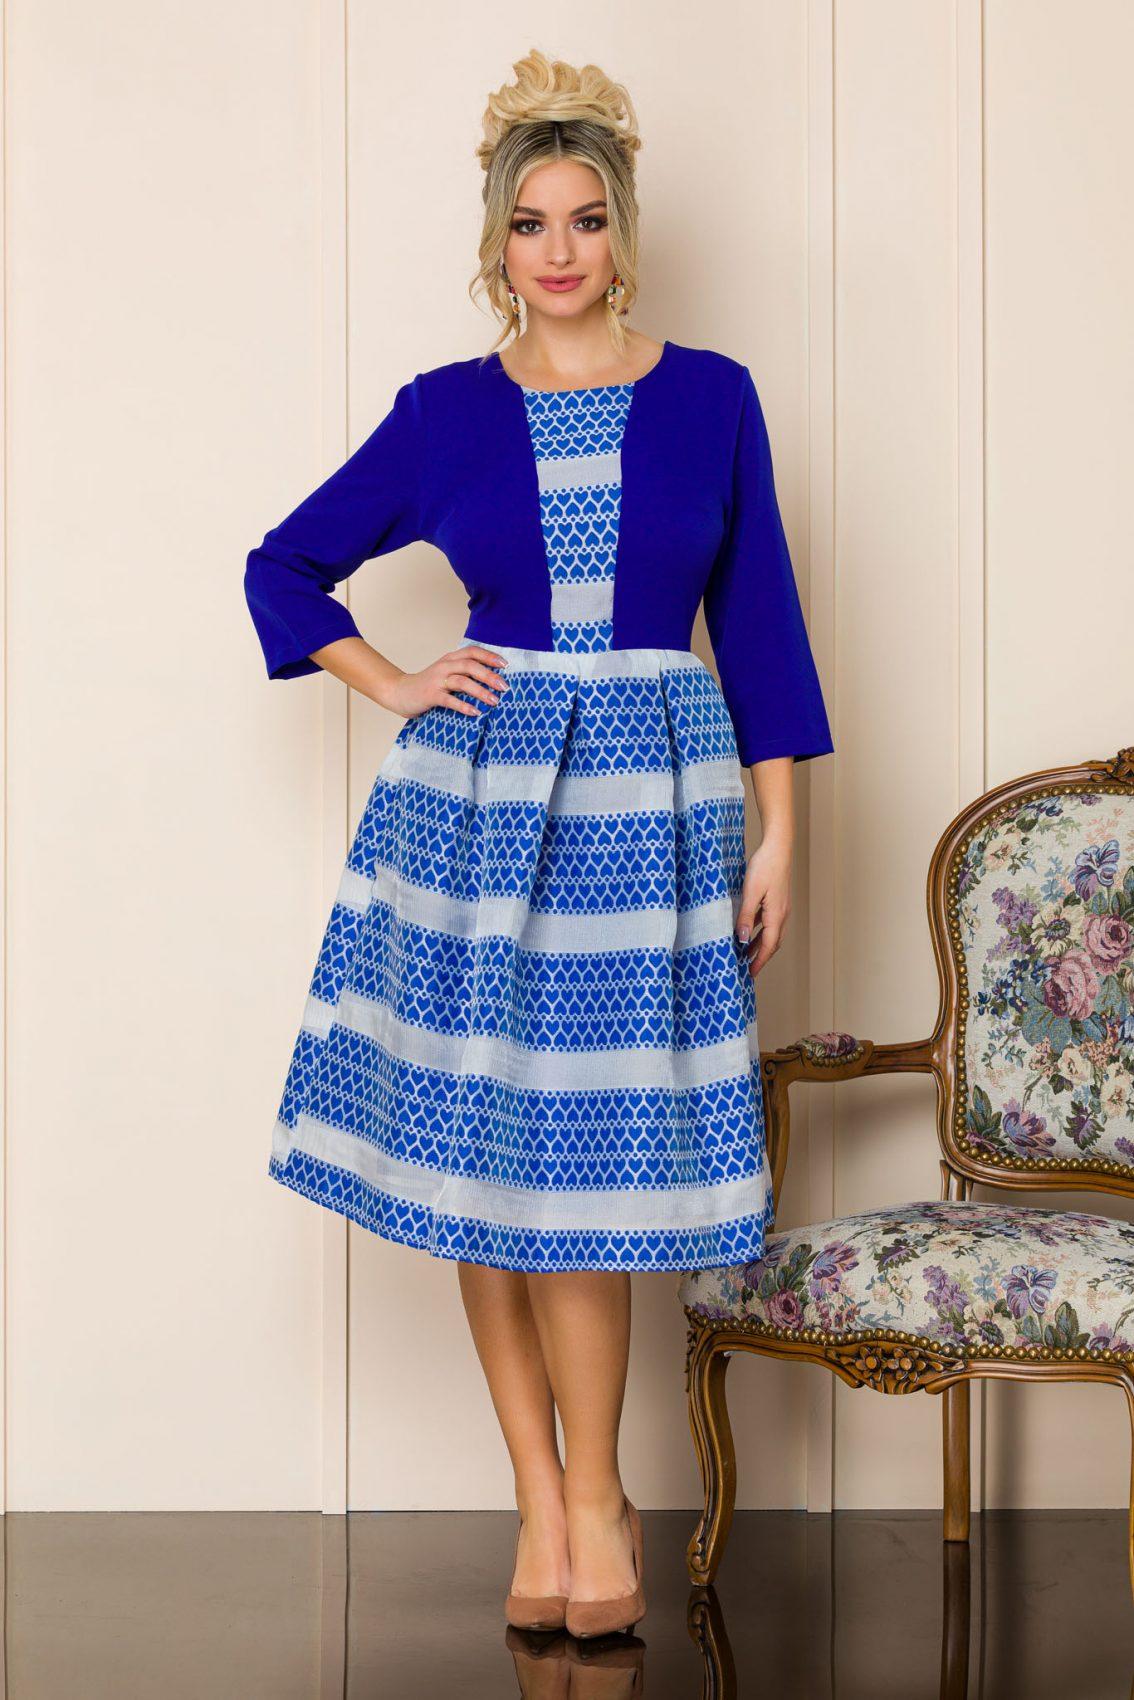 Μπλε Ρουά Μίντι Κλος Φόρεμα Eloise 9866 3